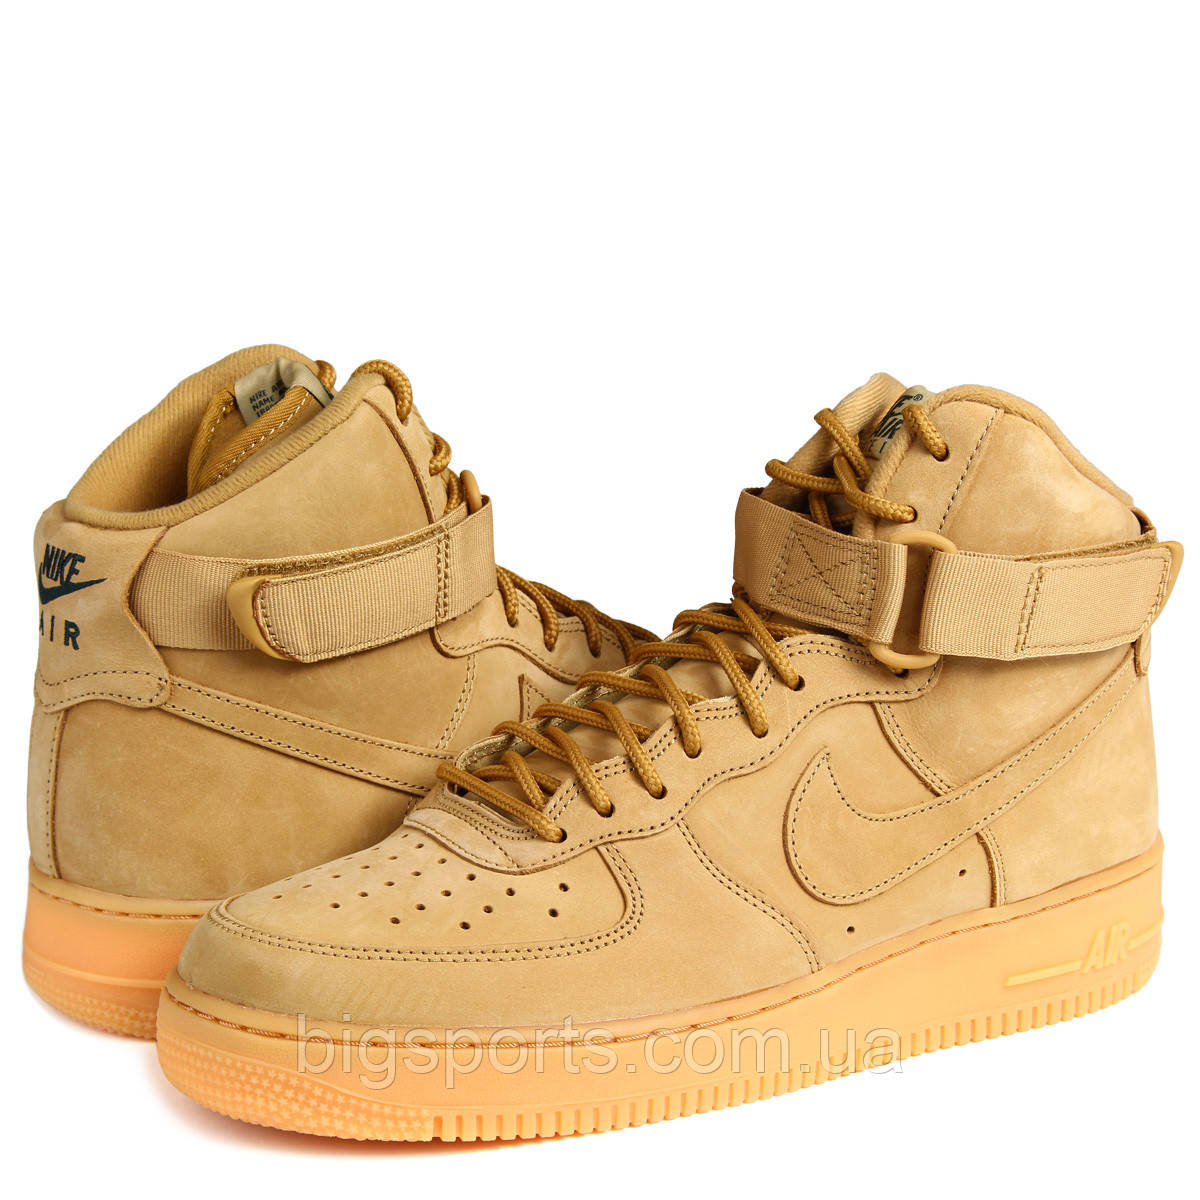 Кроссовки муж. Nike Air Force 1 High 07 LV8 WB (арт. 882096-200)